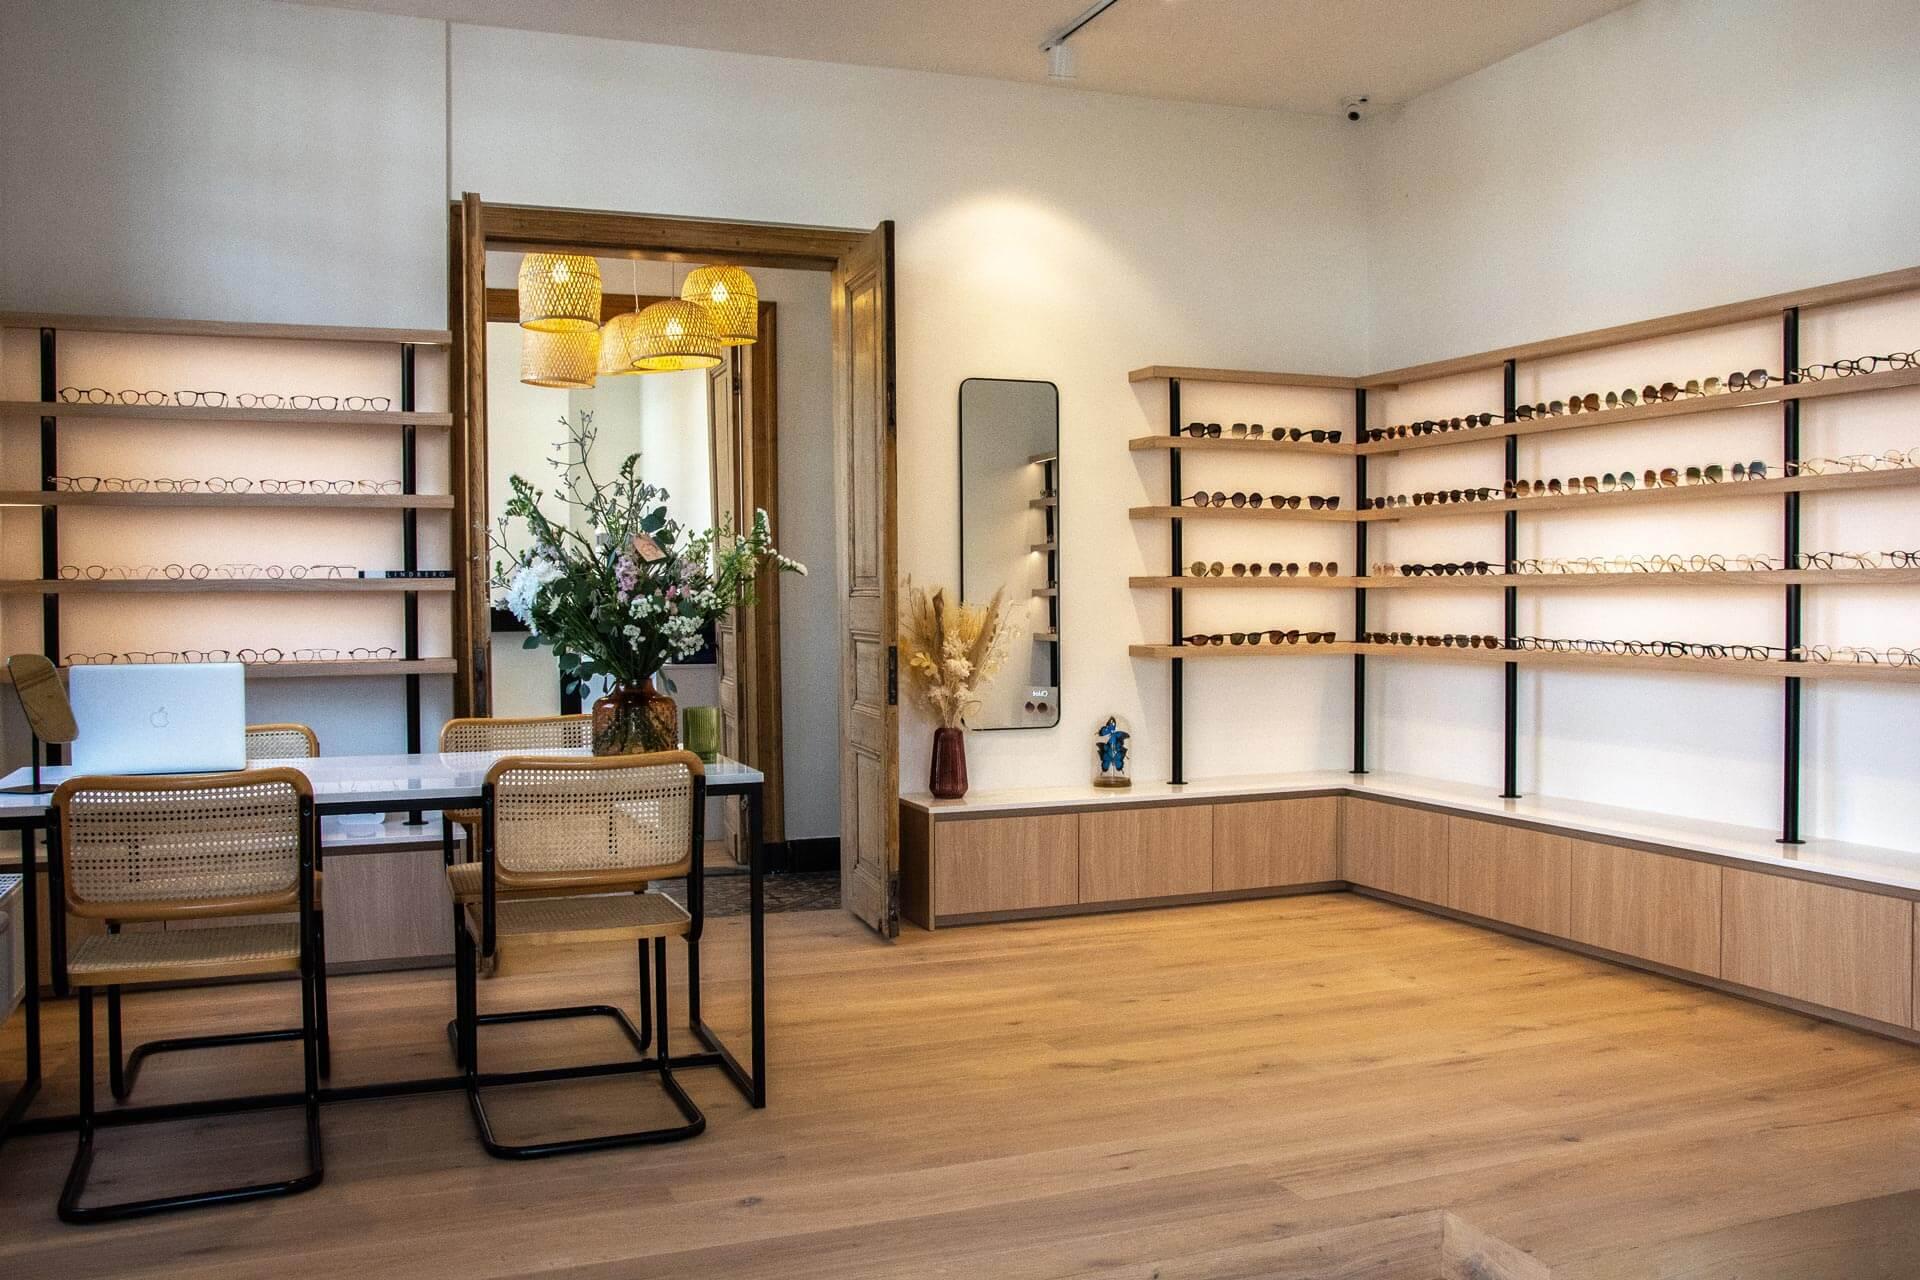 Maatkast Brillenwinkel 2